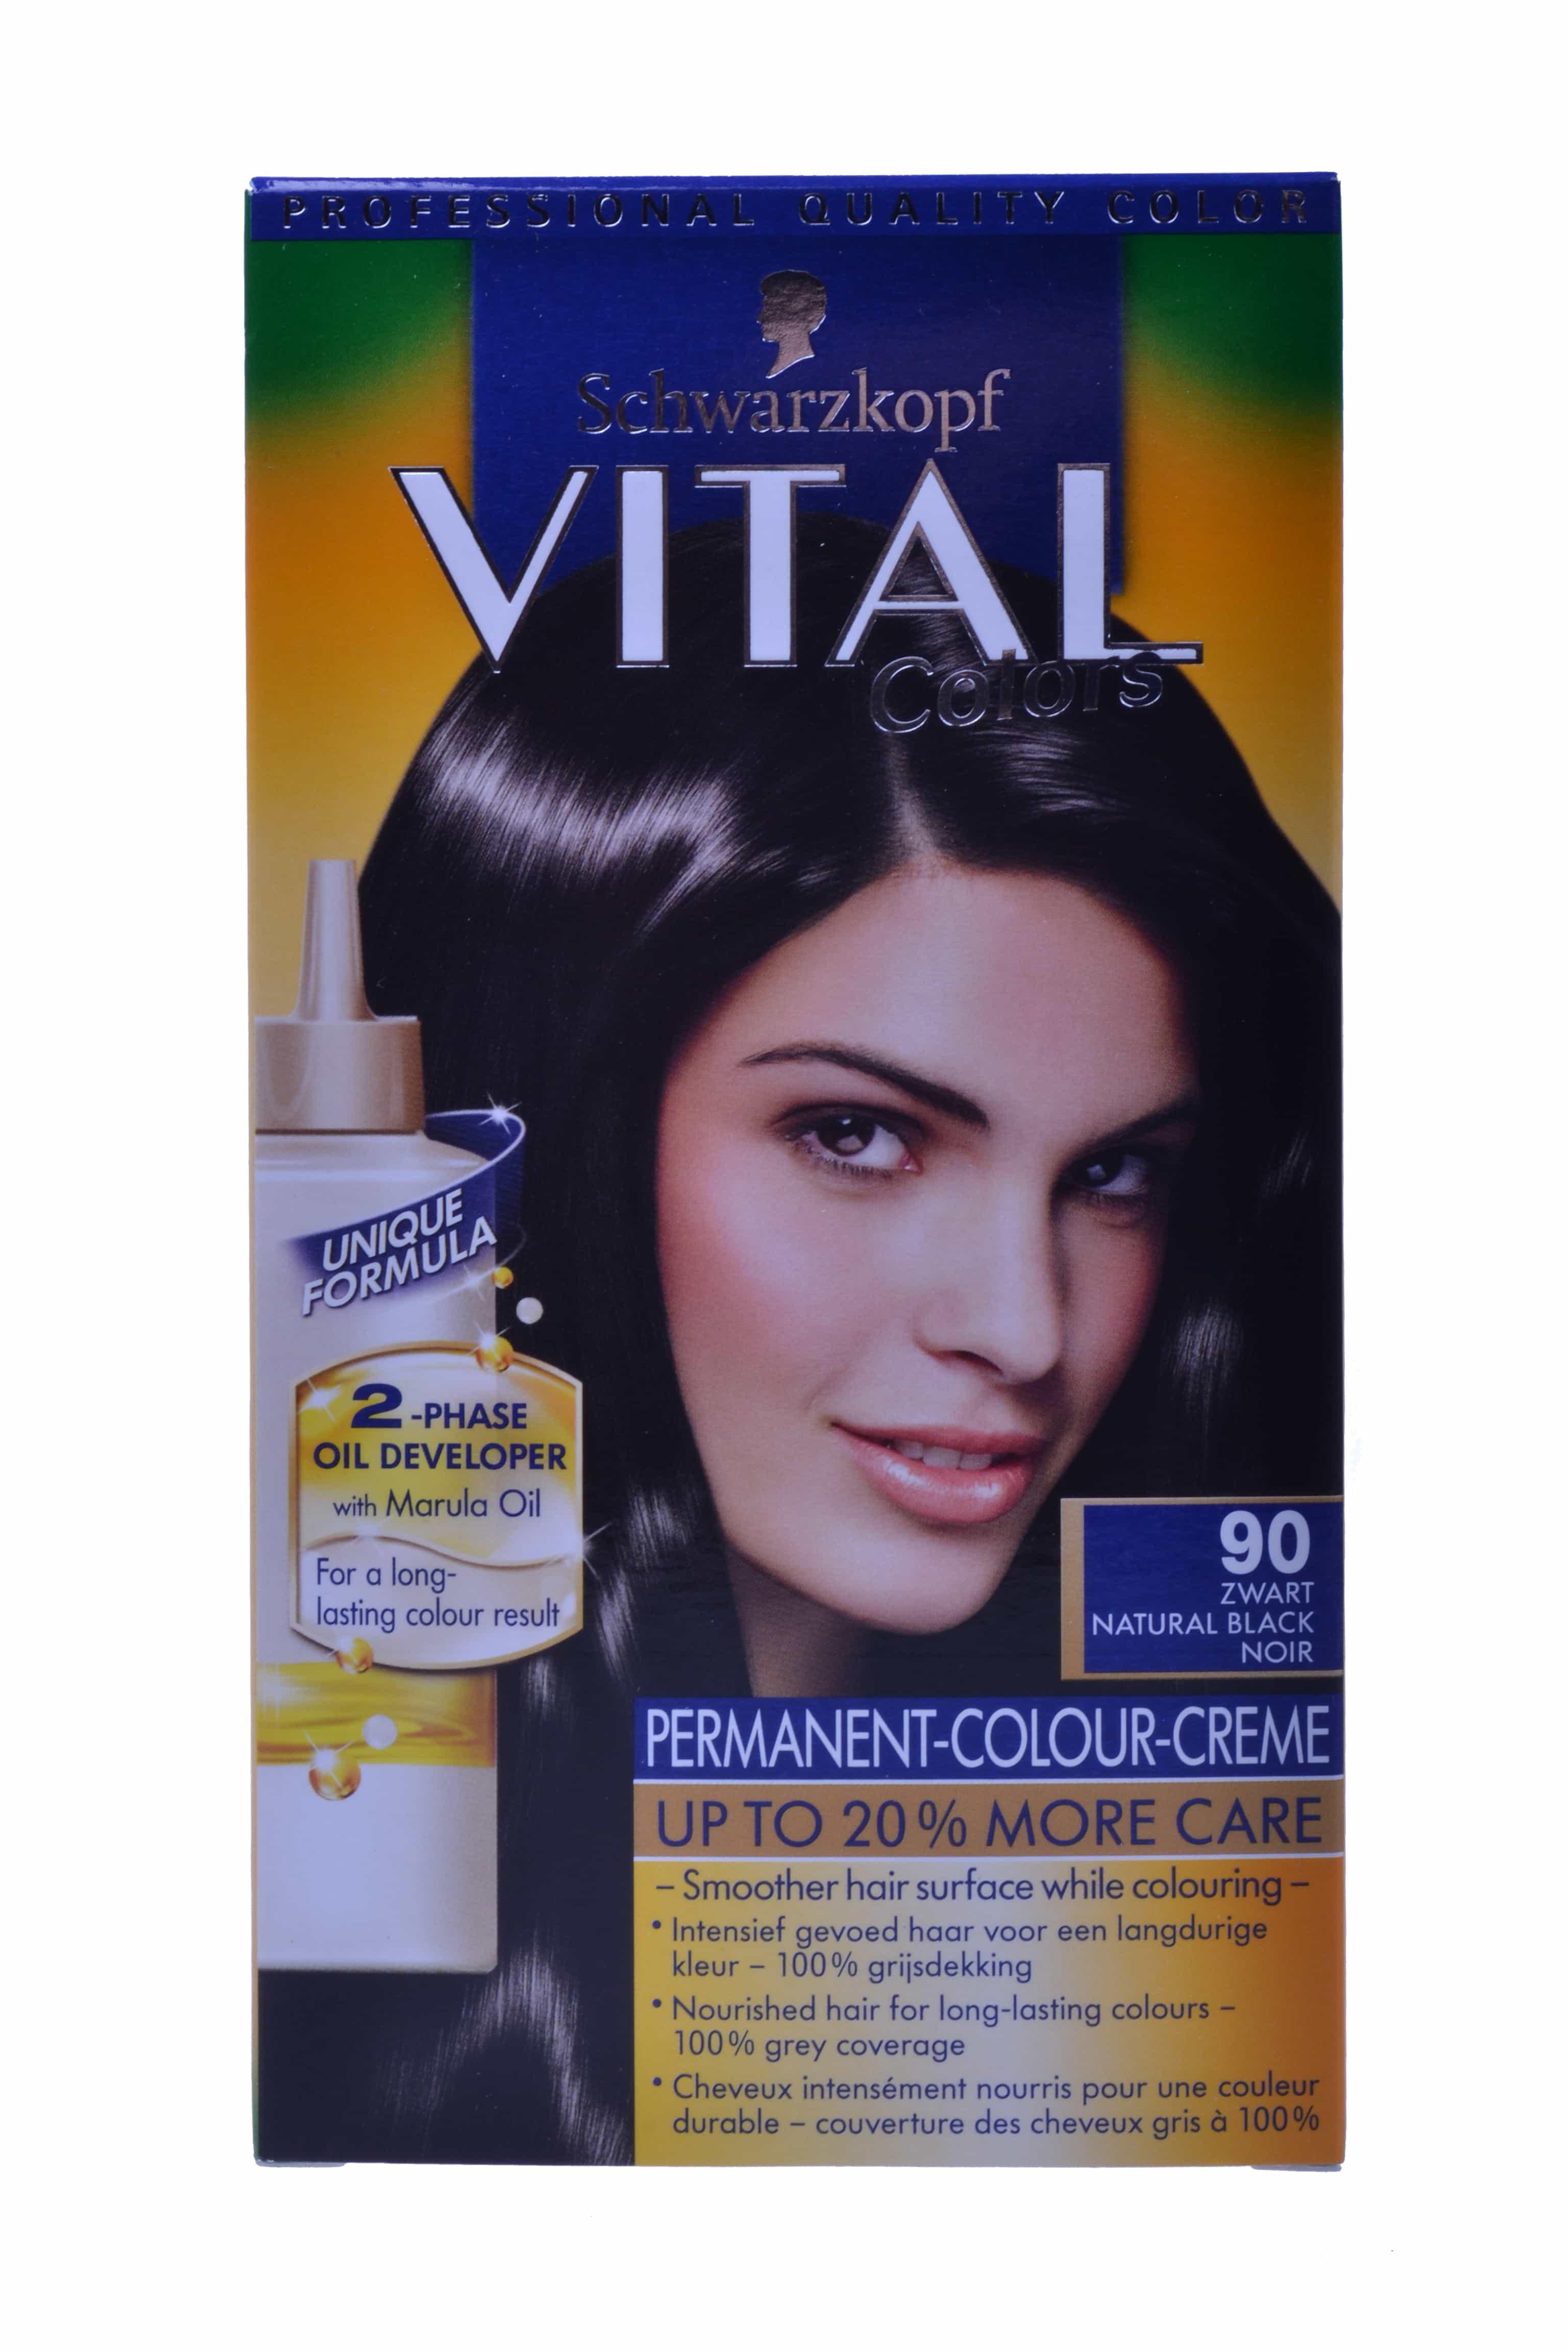 Vital Colors Haarverf 90 Zwart